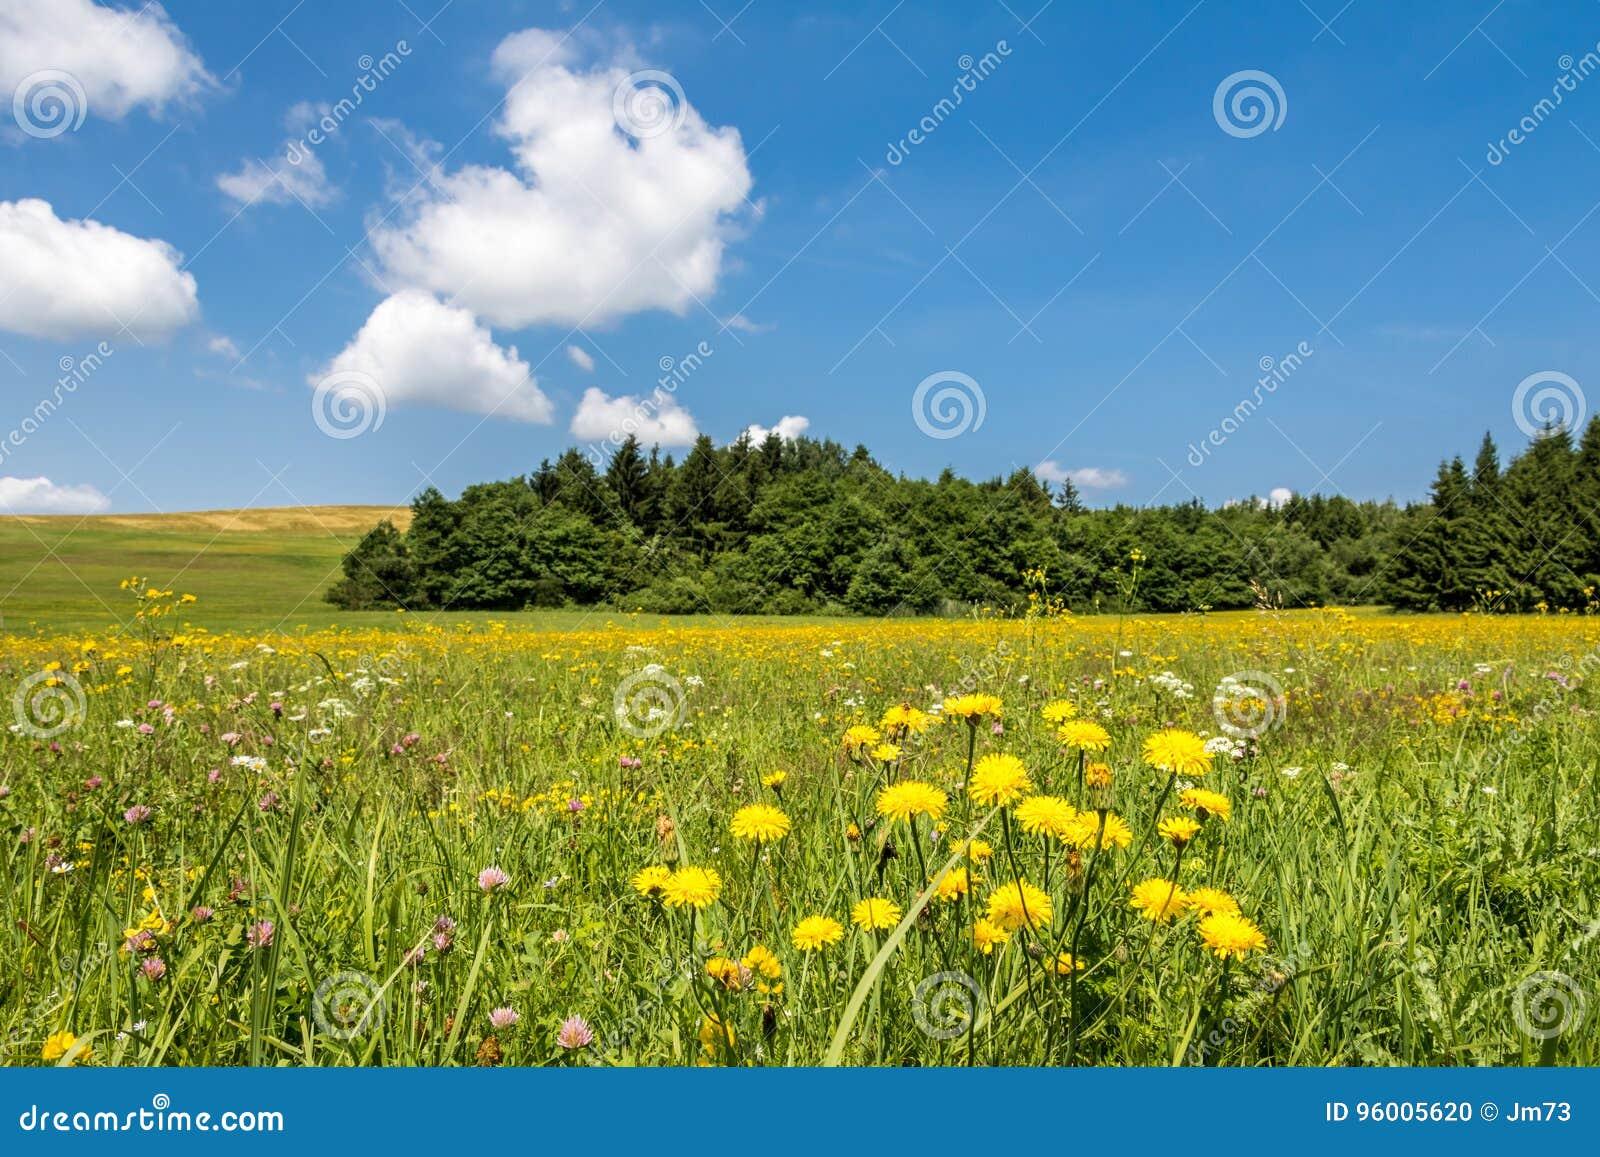 wiese mit gelben blumen wald und blauem himmel stockfoto bild von sonnig umgebung 96005620. Black Bedroom Furniture Sets. Home Design Ideas